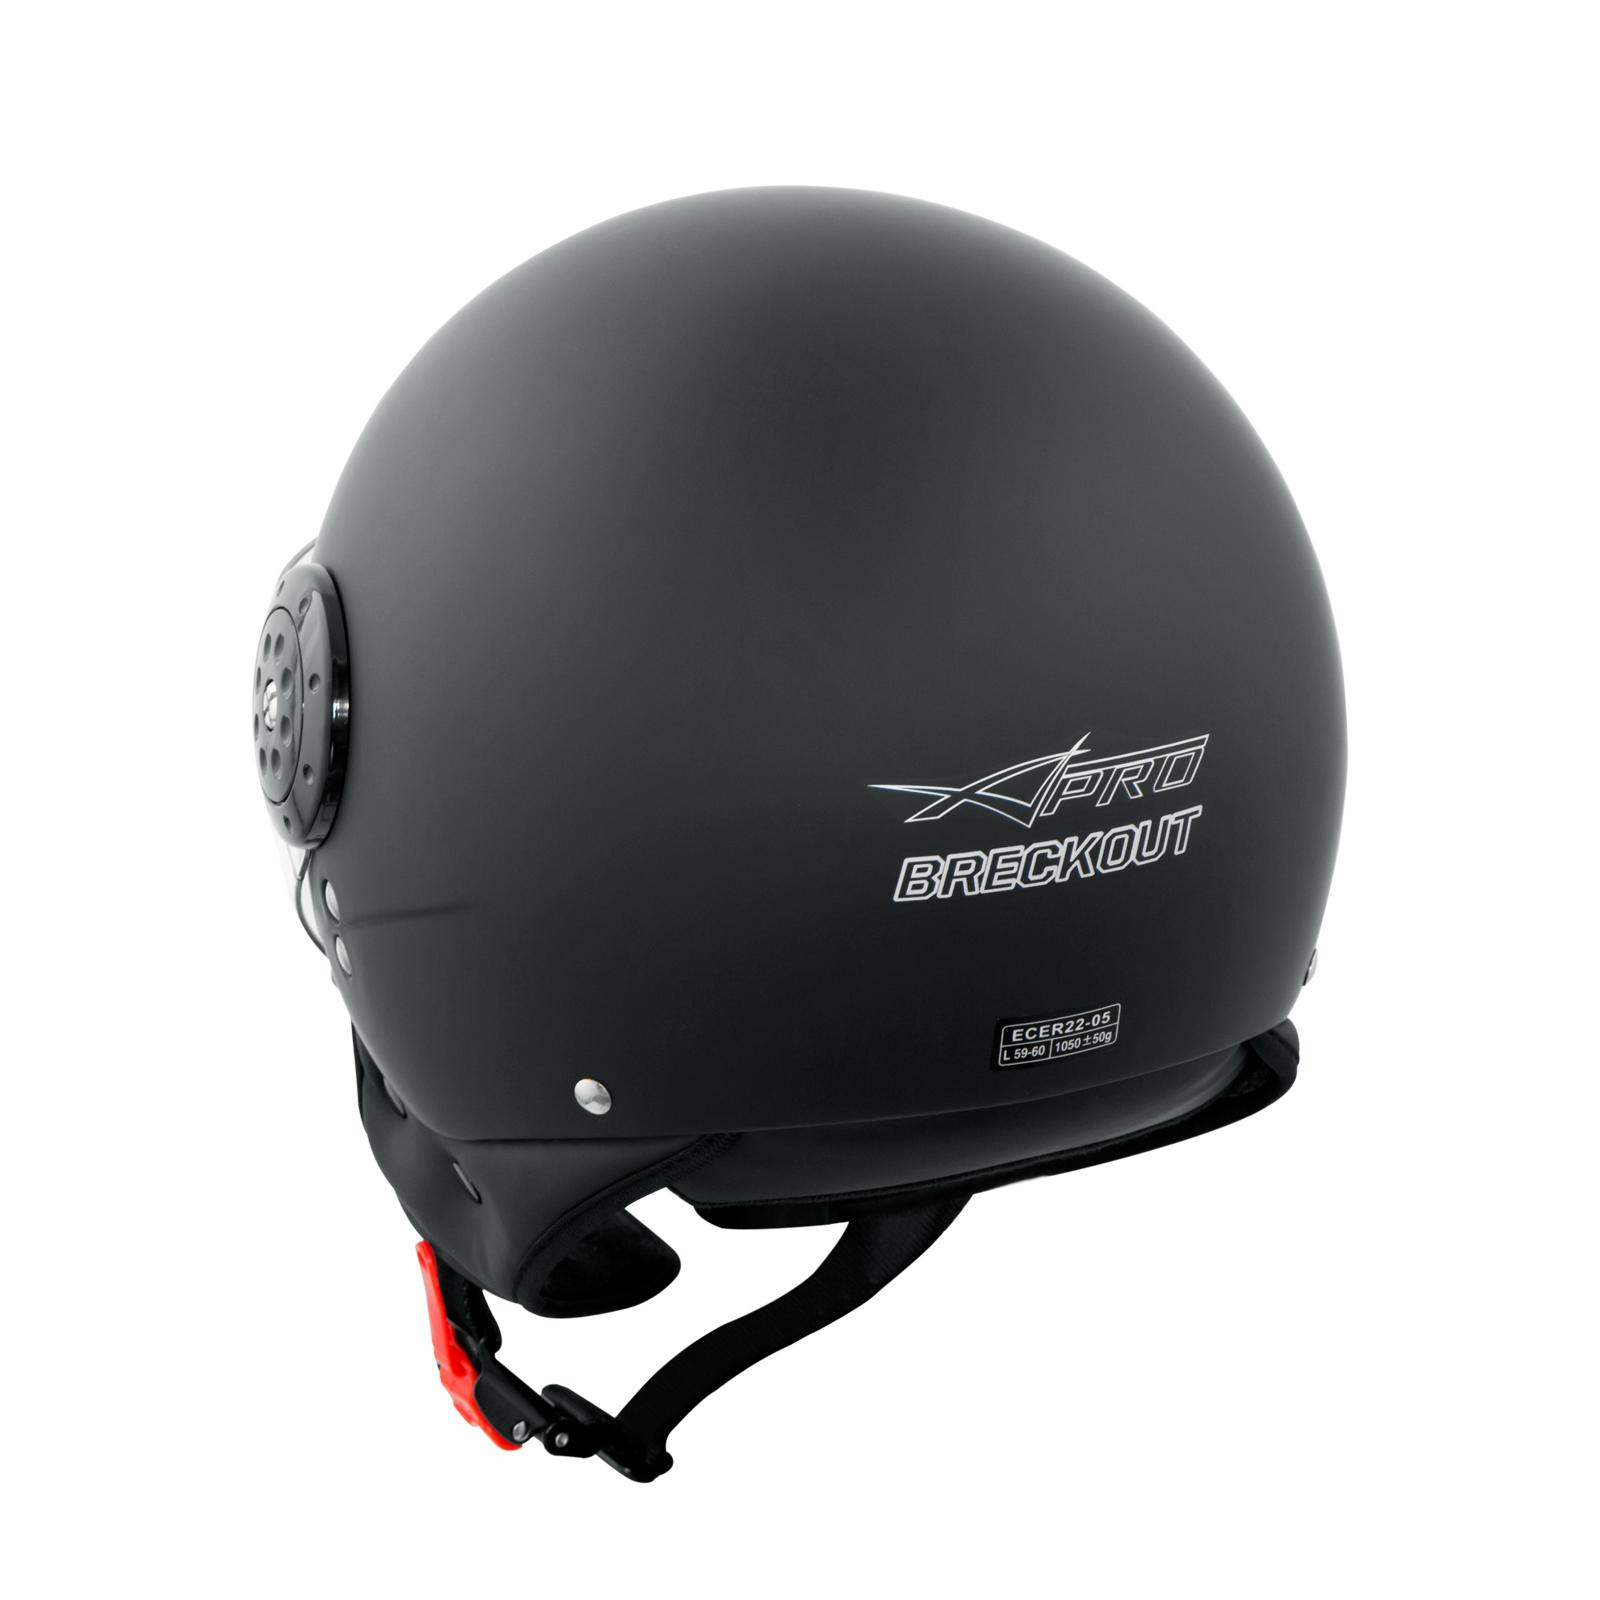 Scooter-Moto-Casco-Jet-Demi-Omologato-ECE-22-05-Visiera-Avio-Nero-Opaco